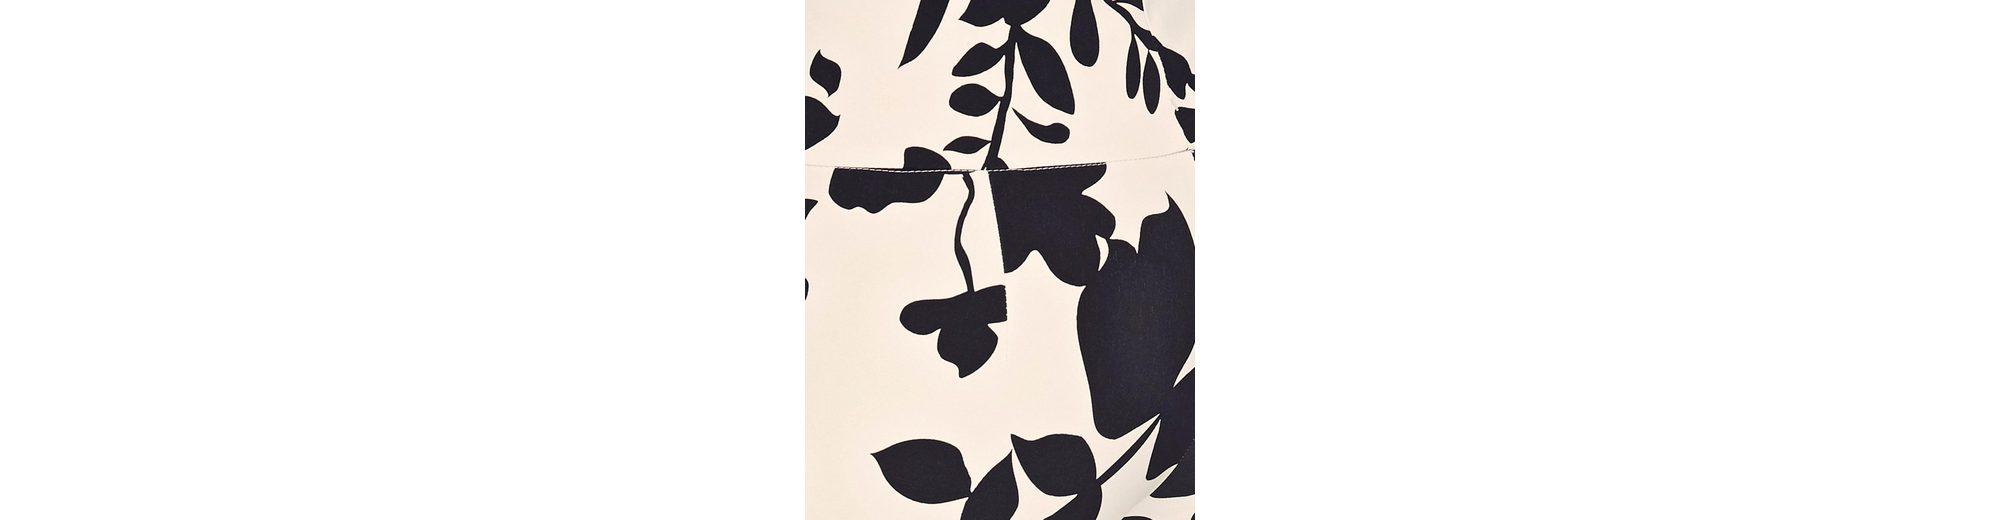 ASHLEY BROOKE by Heine Bodyform-Druckhose mit Blumendessin Rabatte Steckdose Neue Stile Spielraum Neuesten Kollektionen vsMpJ9GUu3